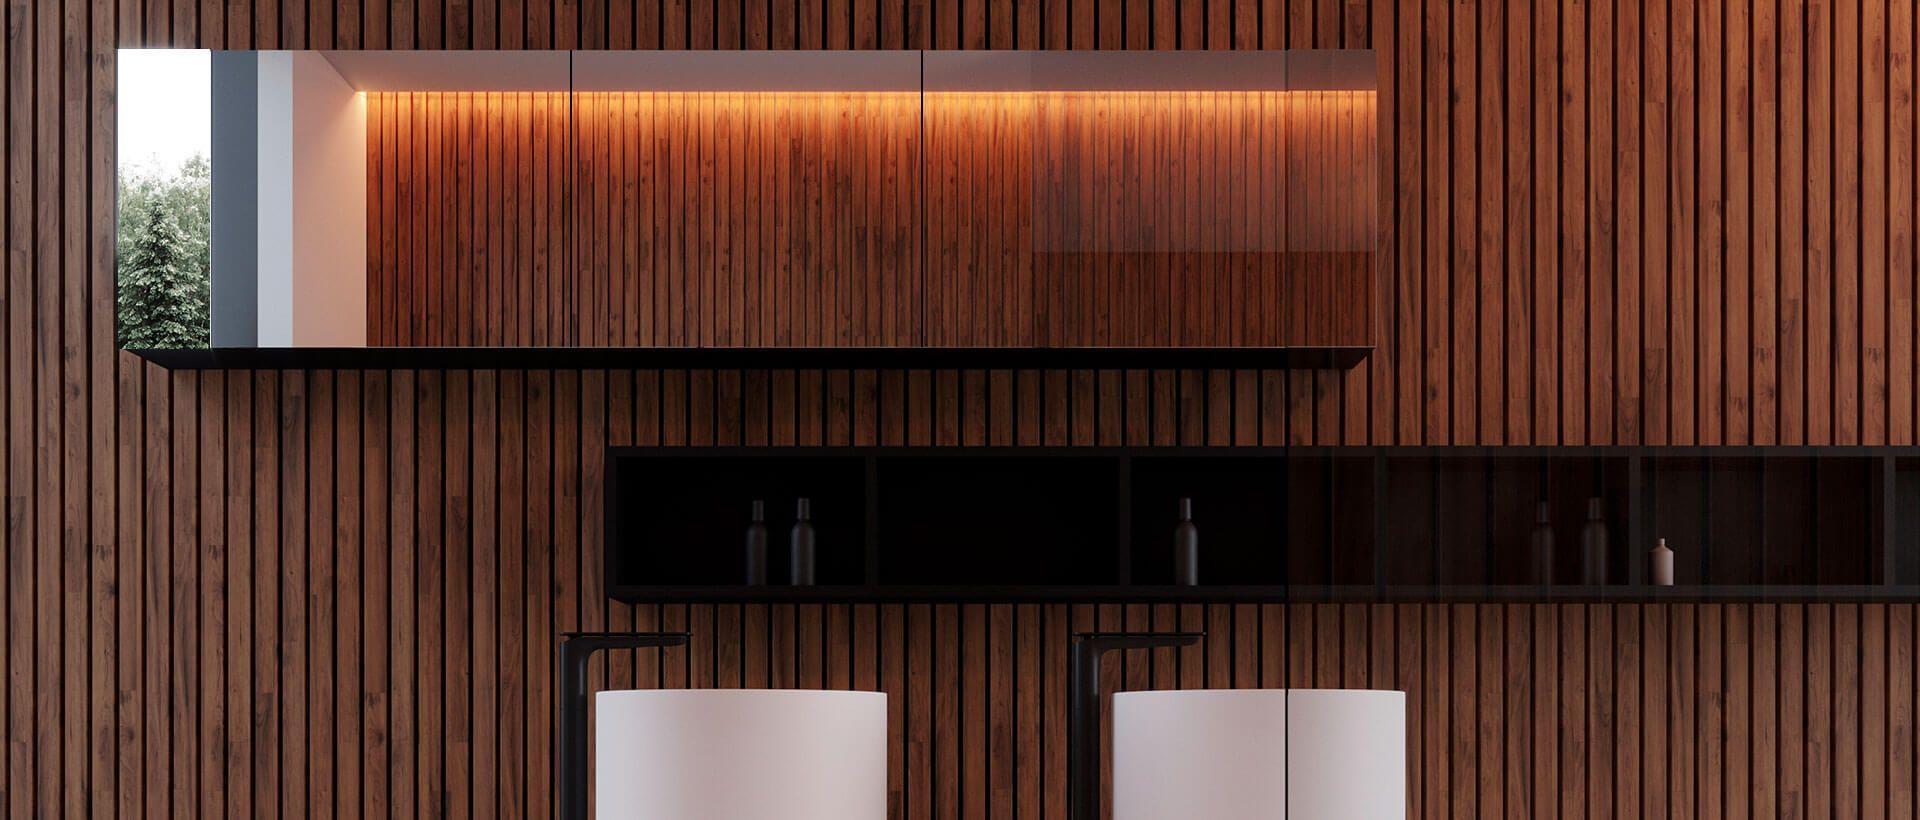 Badspiegel Wandspiegel Kristallspiegel Und Spiegel Nach Mass Badspiegel Net In 2020 Badspiegel Wandspiegel Wandspiegel Mit Beleuchtung